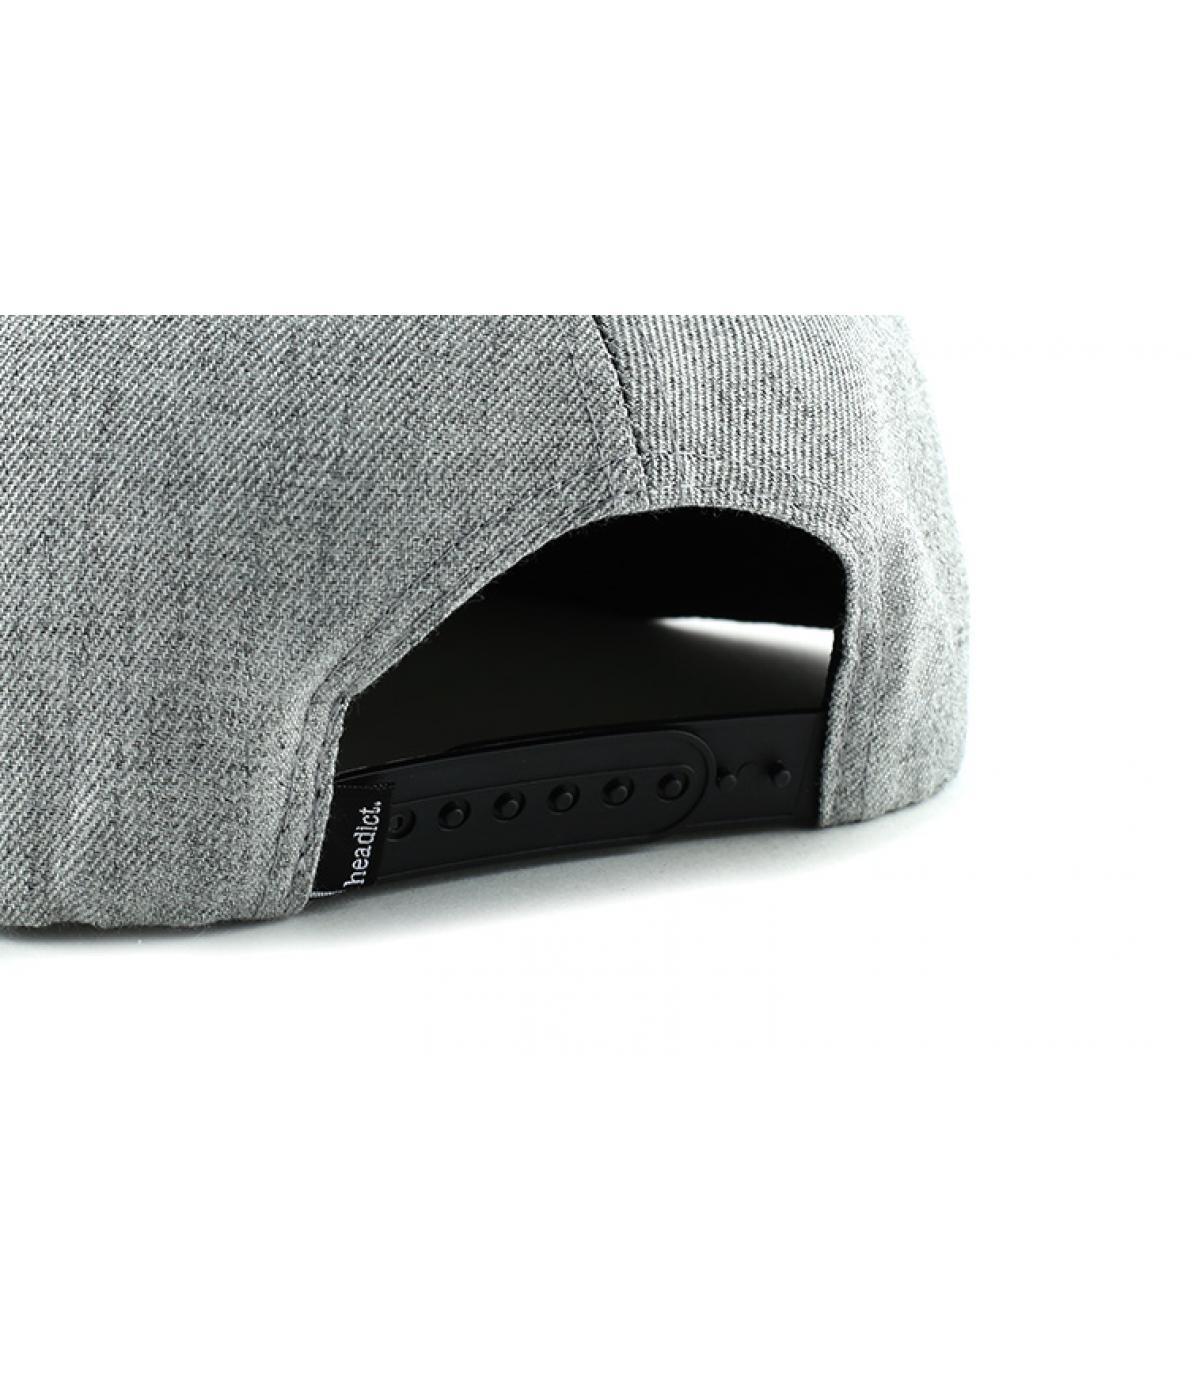 Dettagli Snapback Beer Pong grey black - image 5